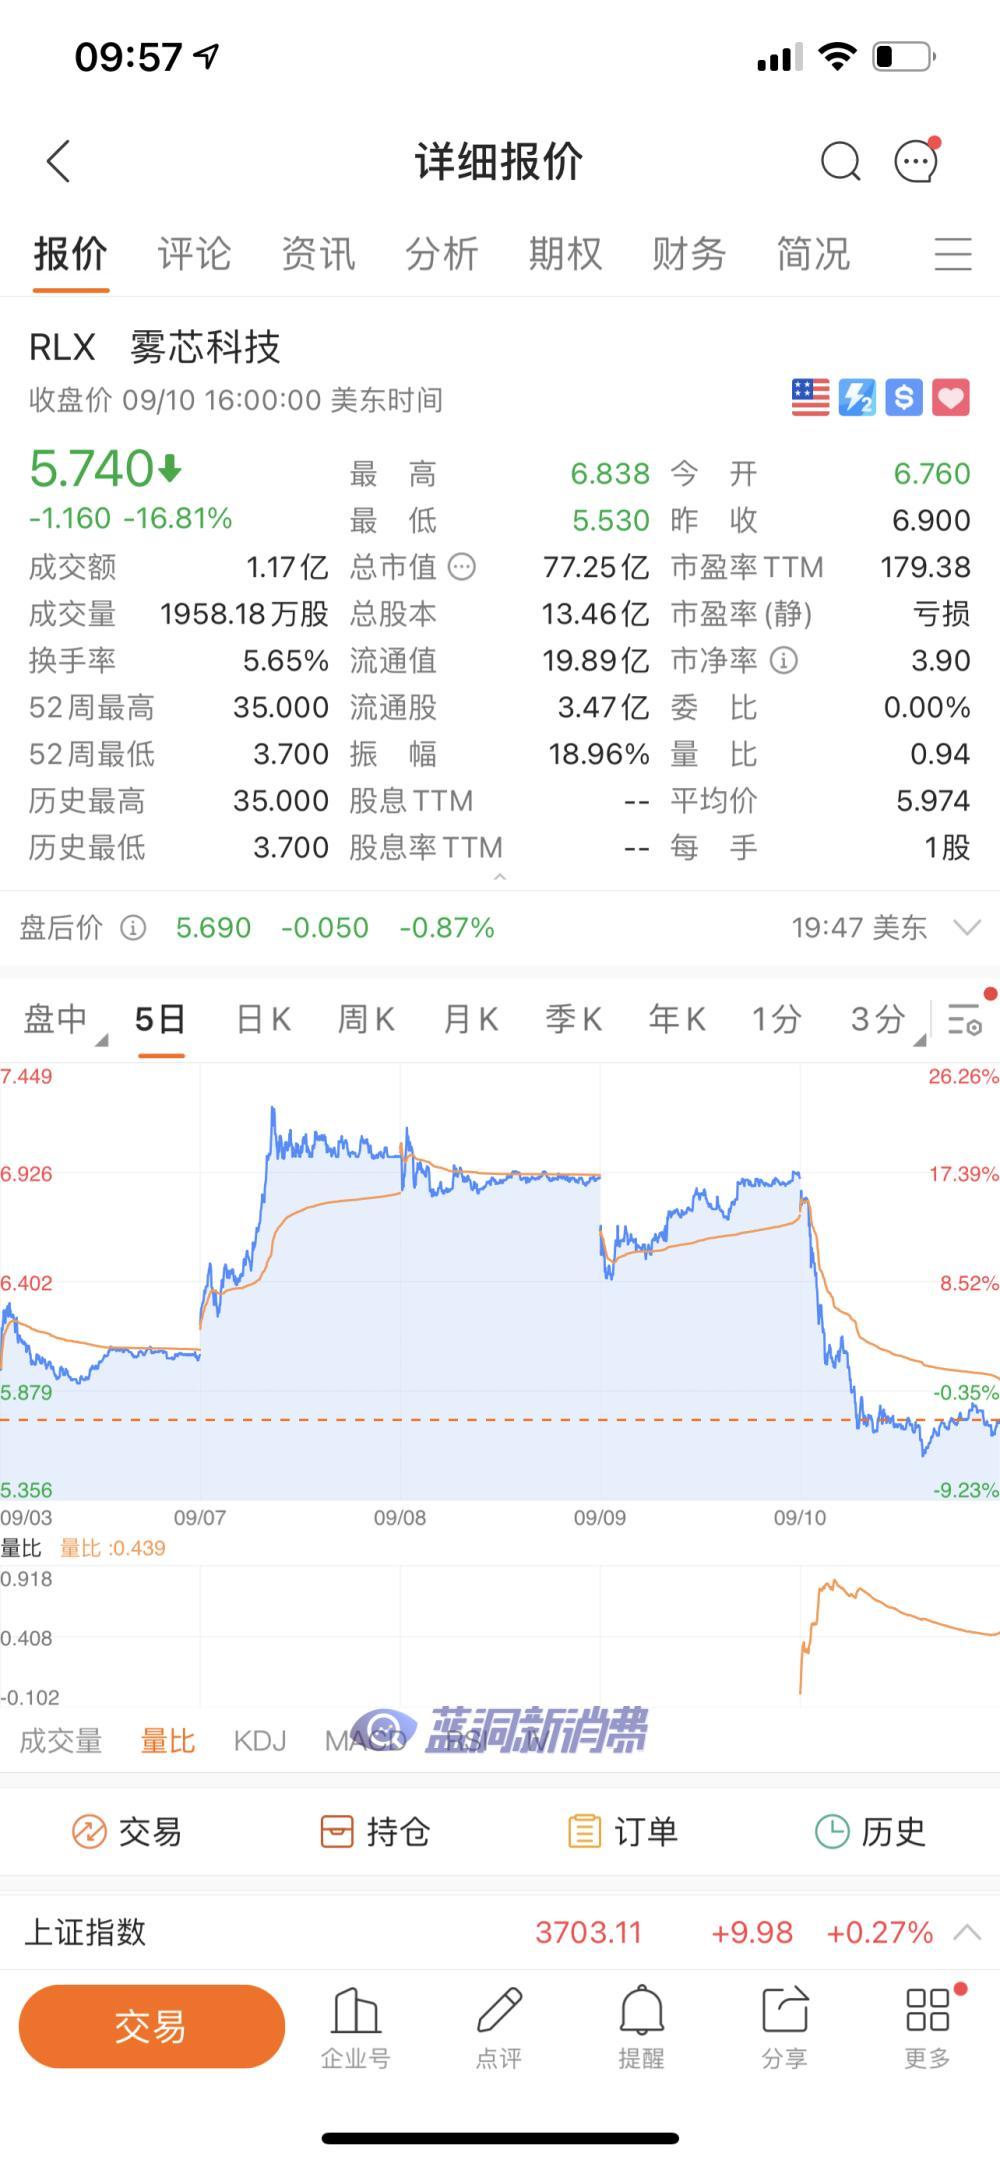 悦刻电子烟股价昨日收盘下跌16.8%,市值77亿美元